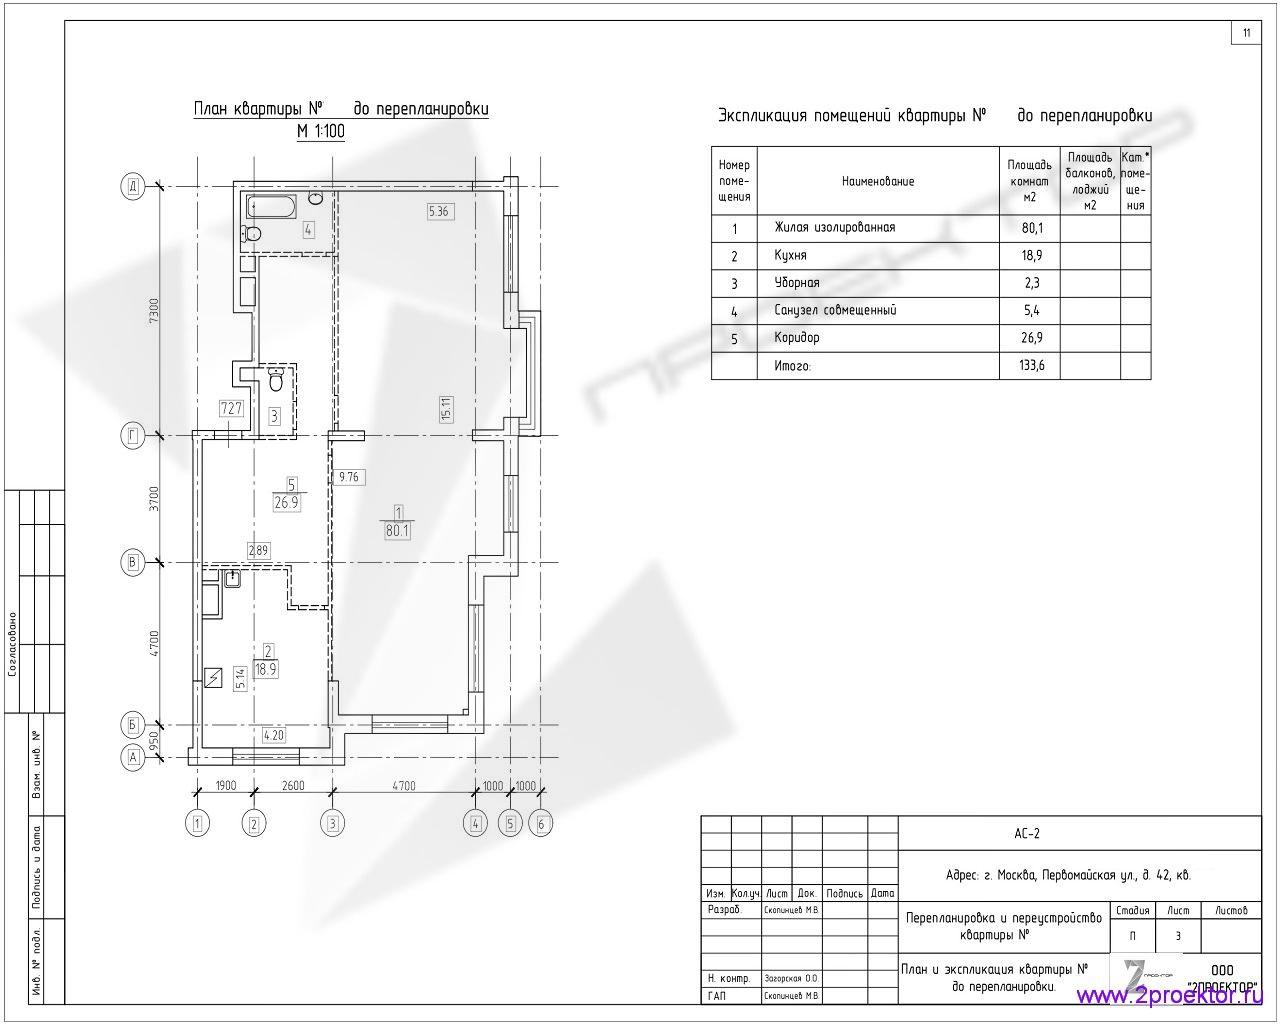 Типовой проект планировки квартиры в Жилом комплексе Измайловский лес